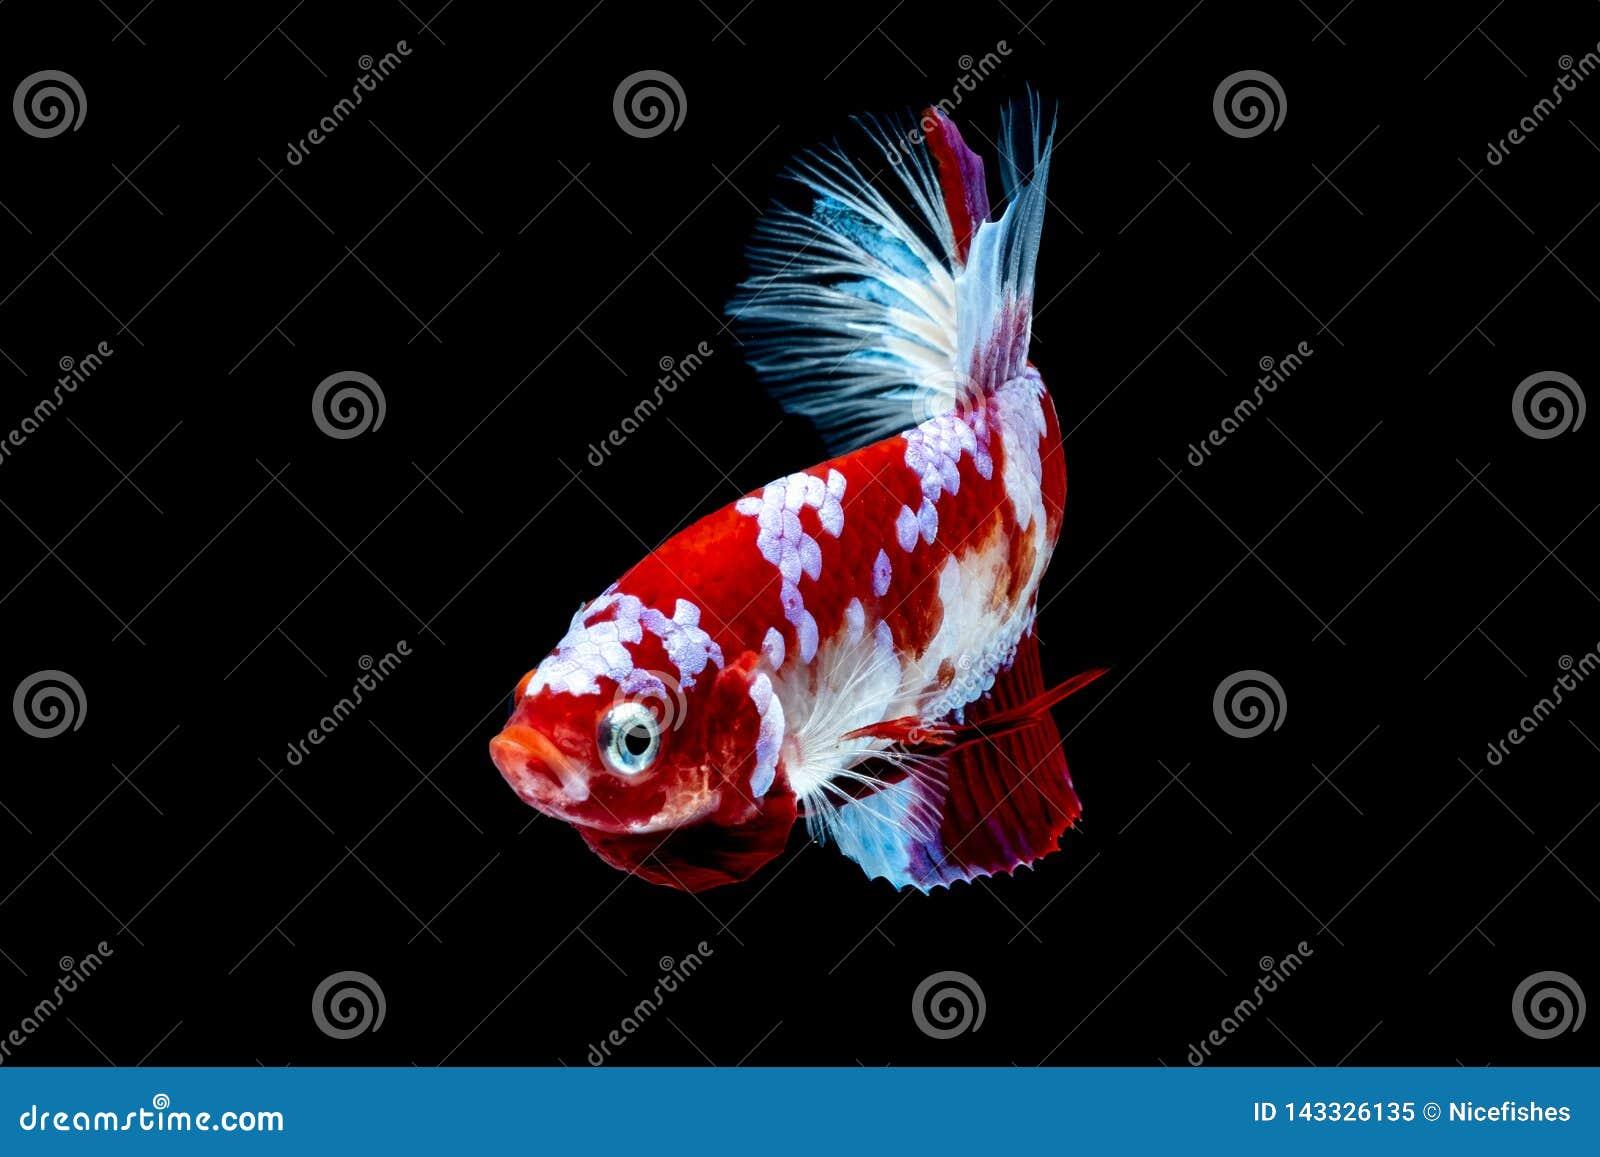 Betta fish Fight in the aquarium black blackground